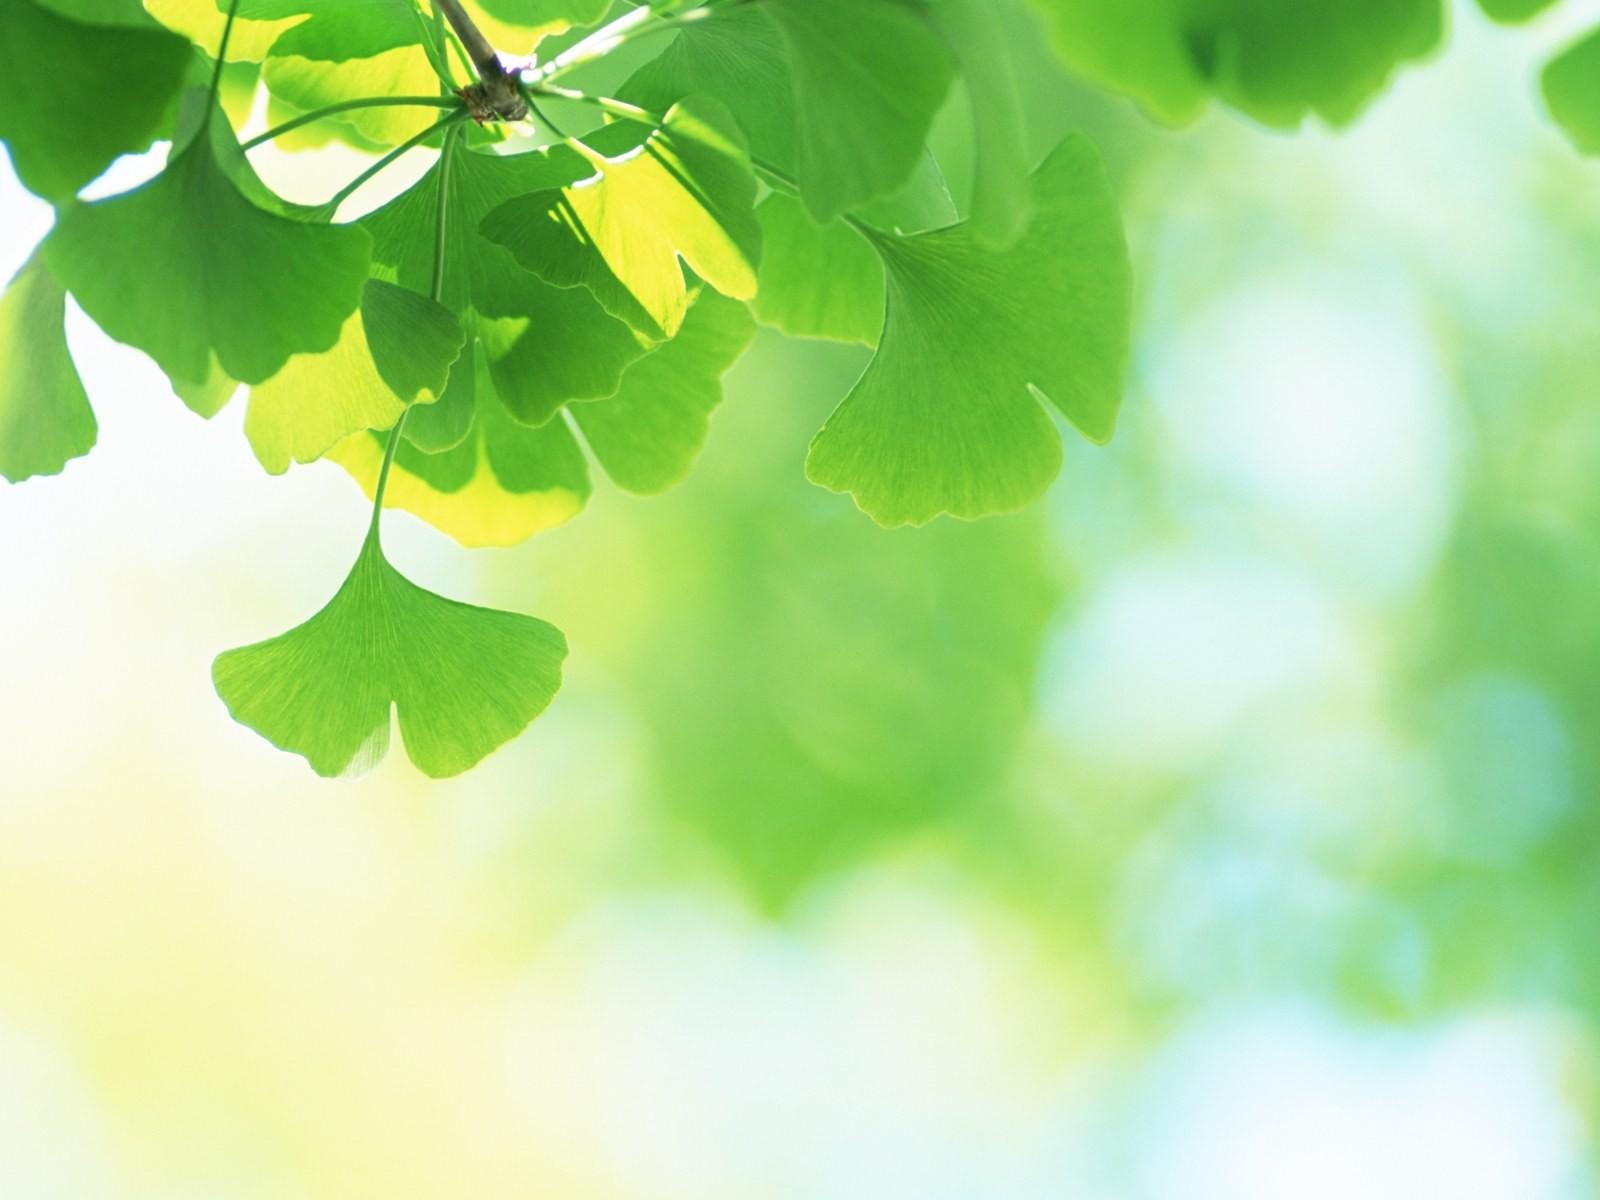 Fondos De Hojas De Papel: Frescas Hojas De Papel Tapiz Verde (2) #2